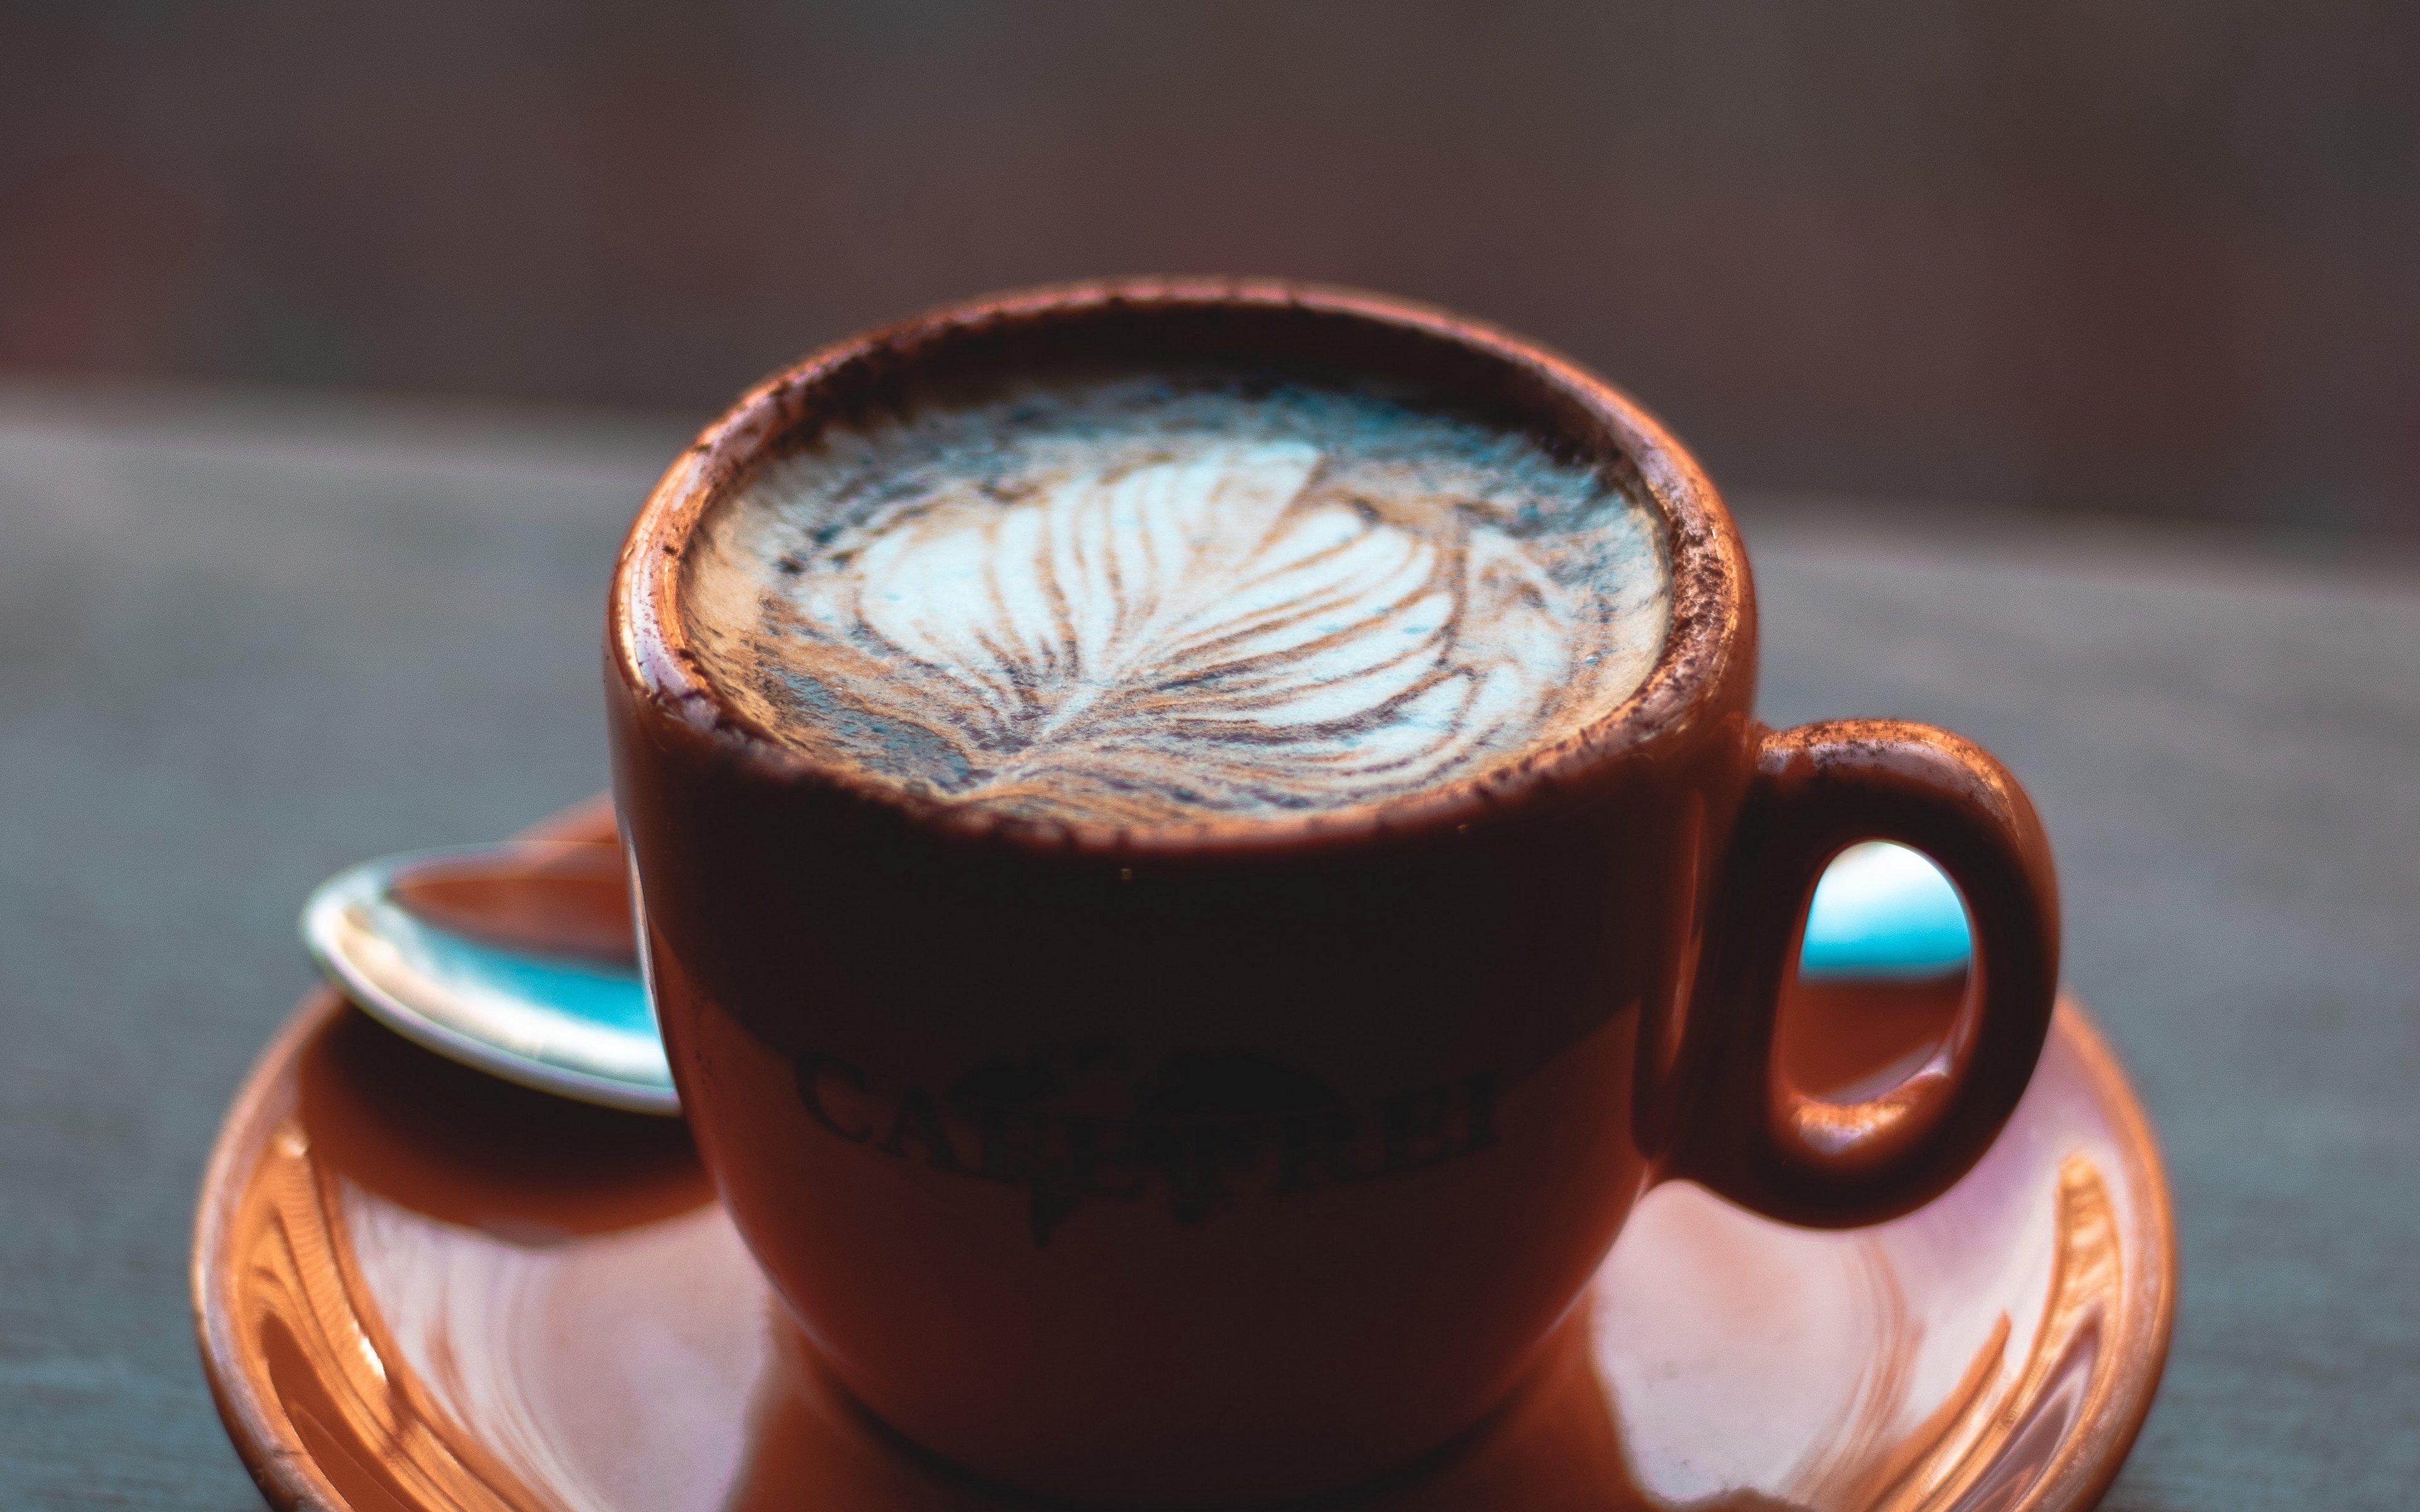 Fondos de pantalla Taza de café